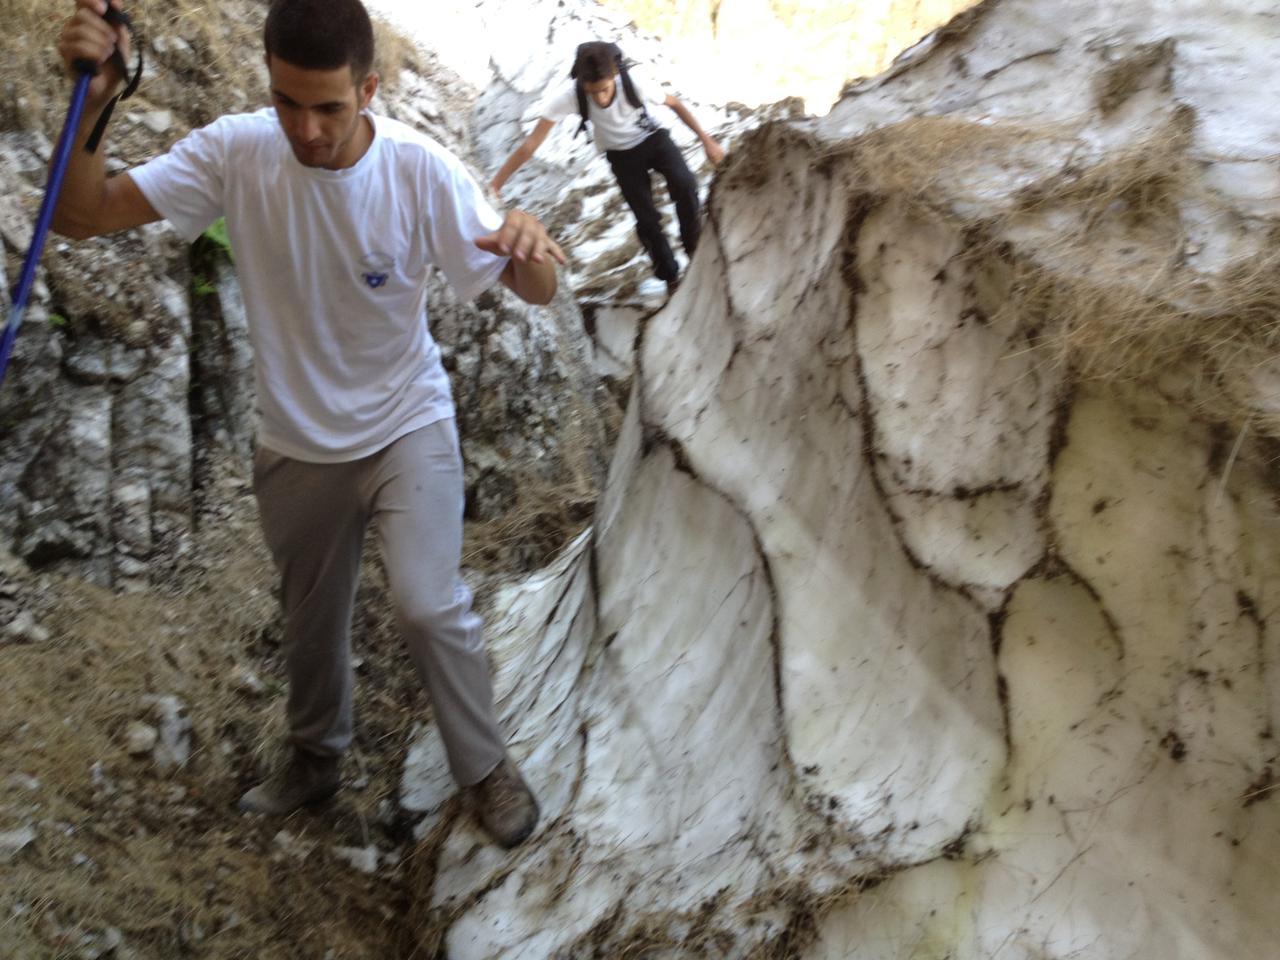 Situazione Nevai swettore Camicia Prena - Gran Sasso d'Italia - 12 agosto 2010-img_0146.jpg